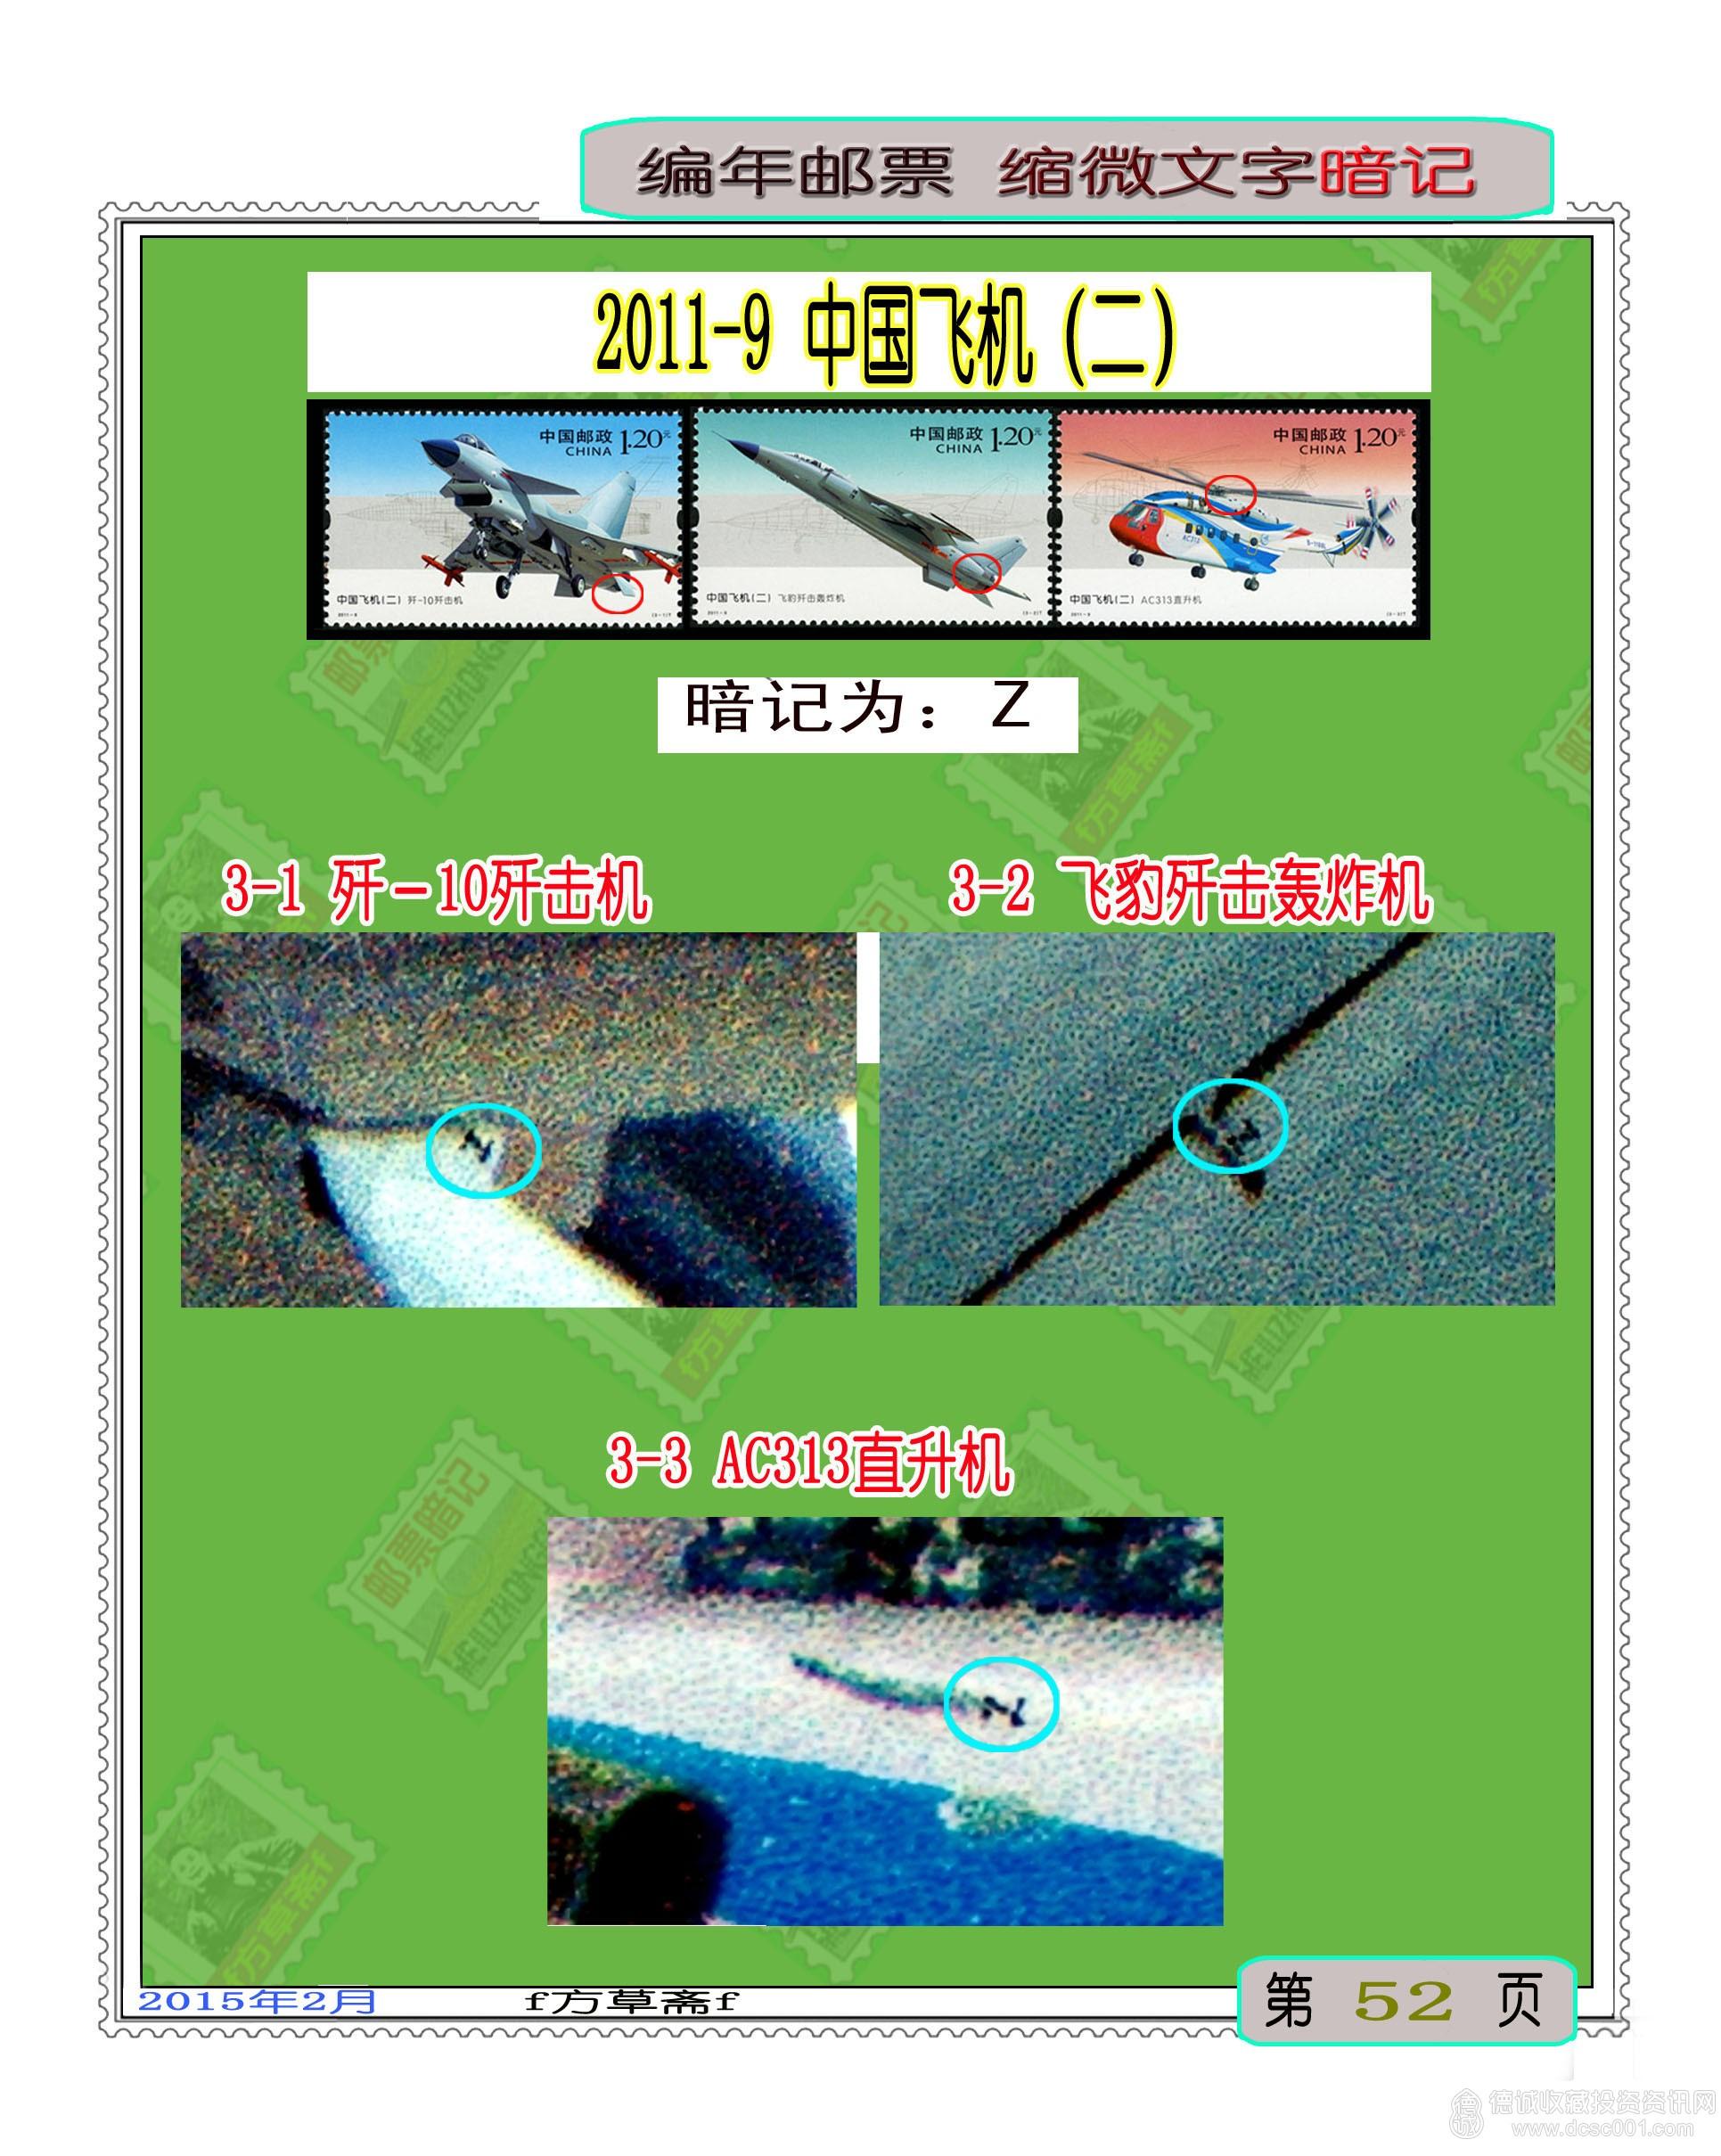 2011-9 中国飞机(二).jpg